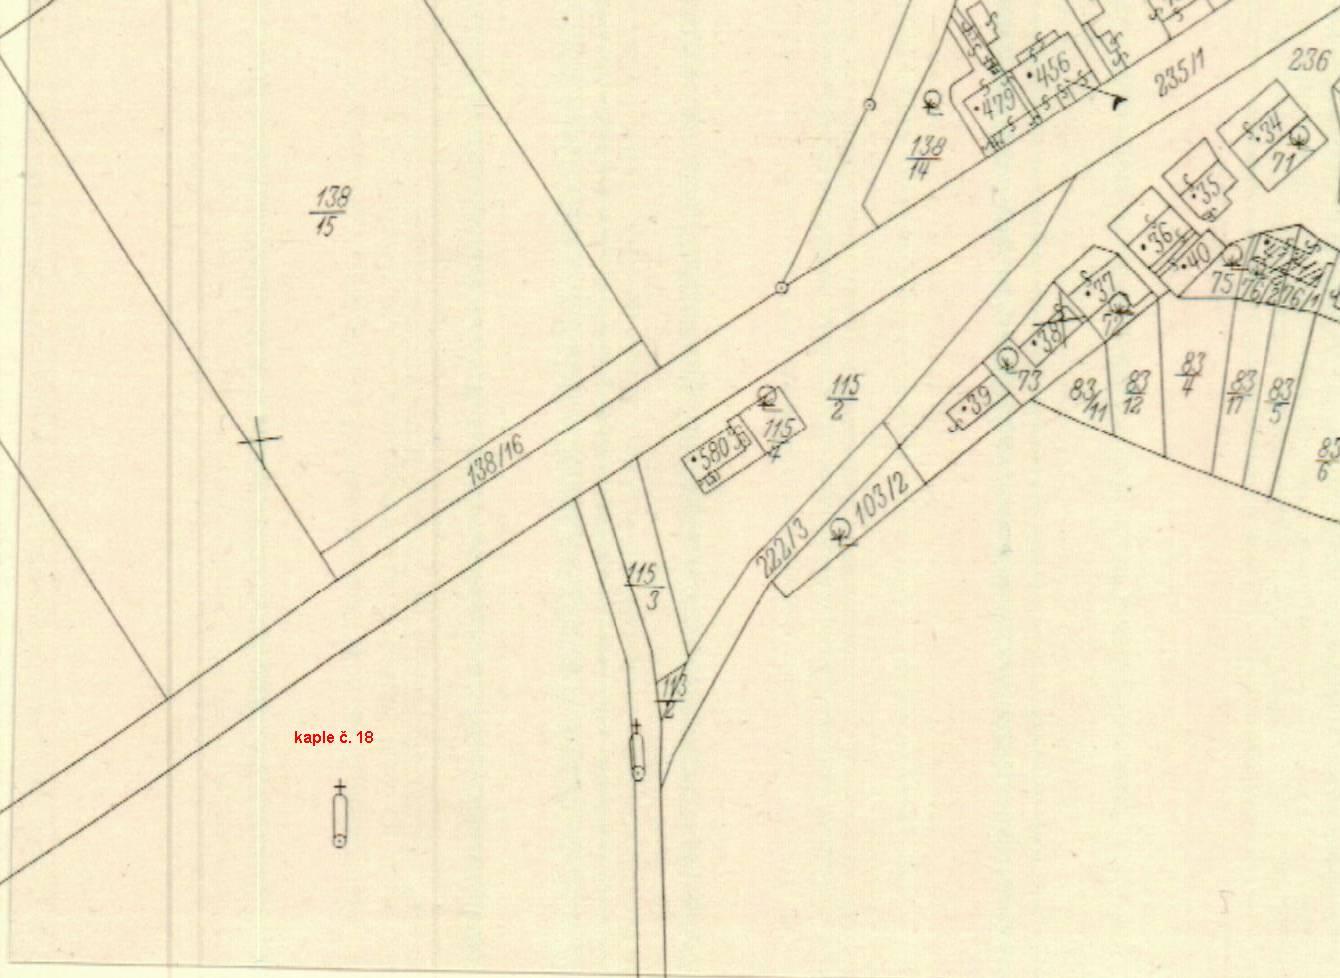 výpis_katastrální mapa_1943_kaple č 18_k